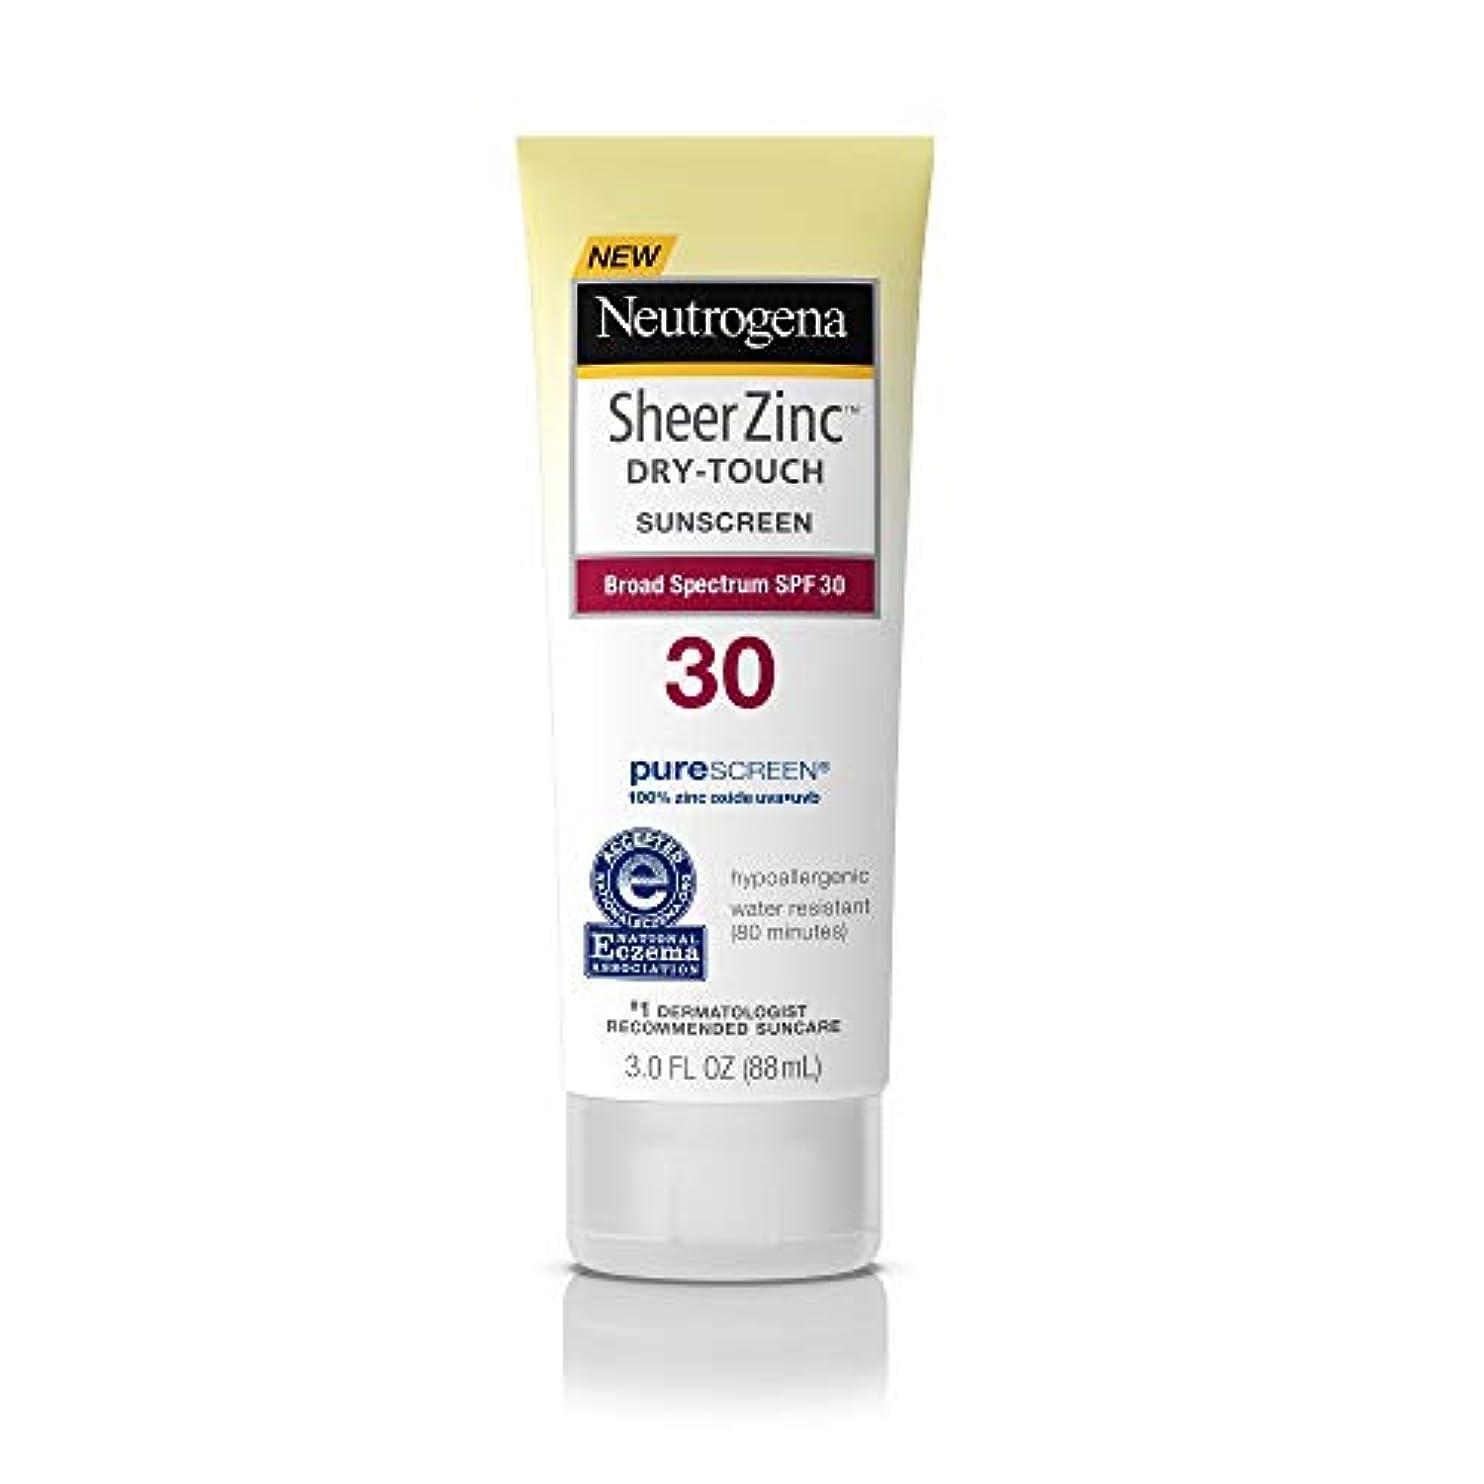 傾向があります怠惰贅沢Neutrogena シアー亜鉛ドライタッチSPF#30日焼け止め3オンス(88Ml)(3パック)